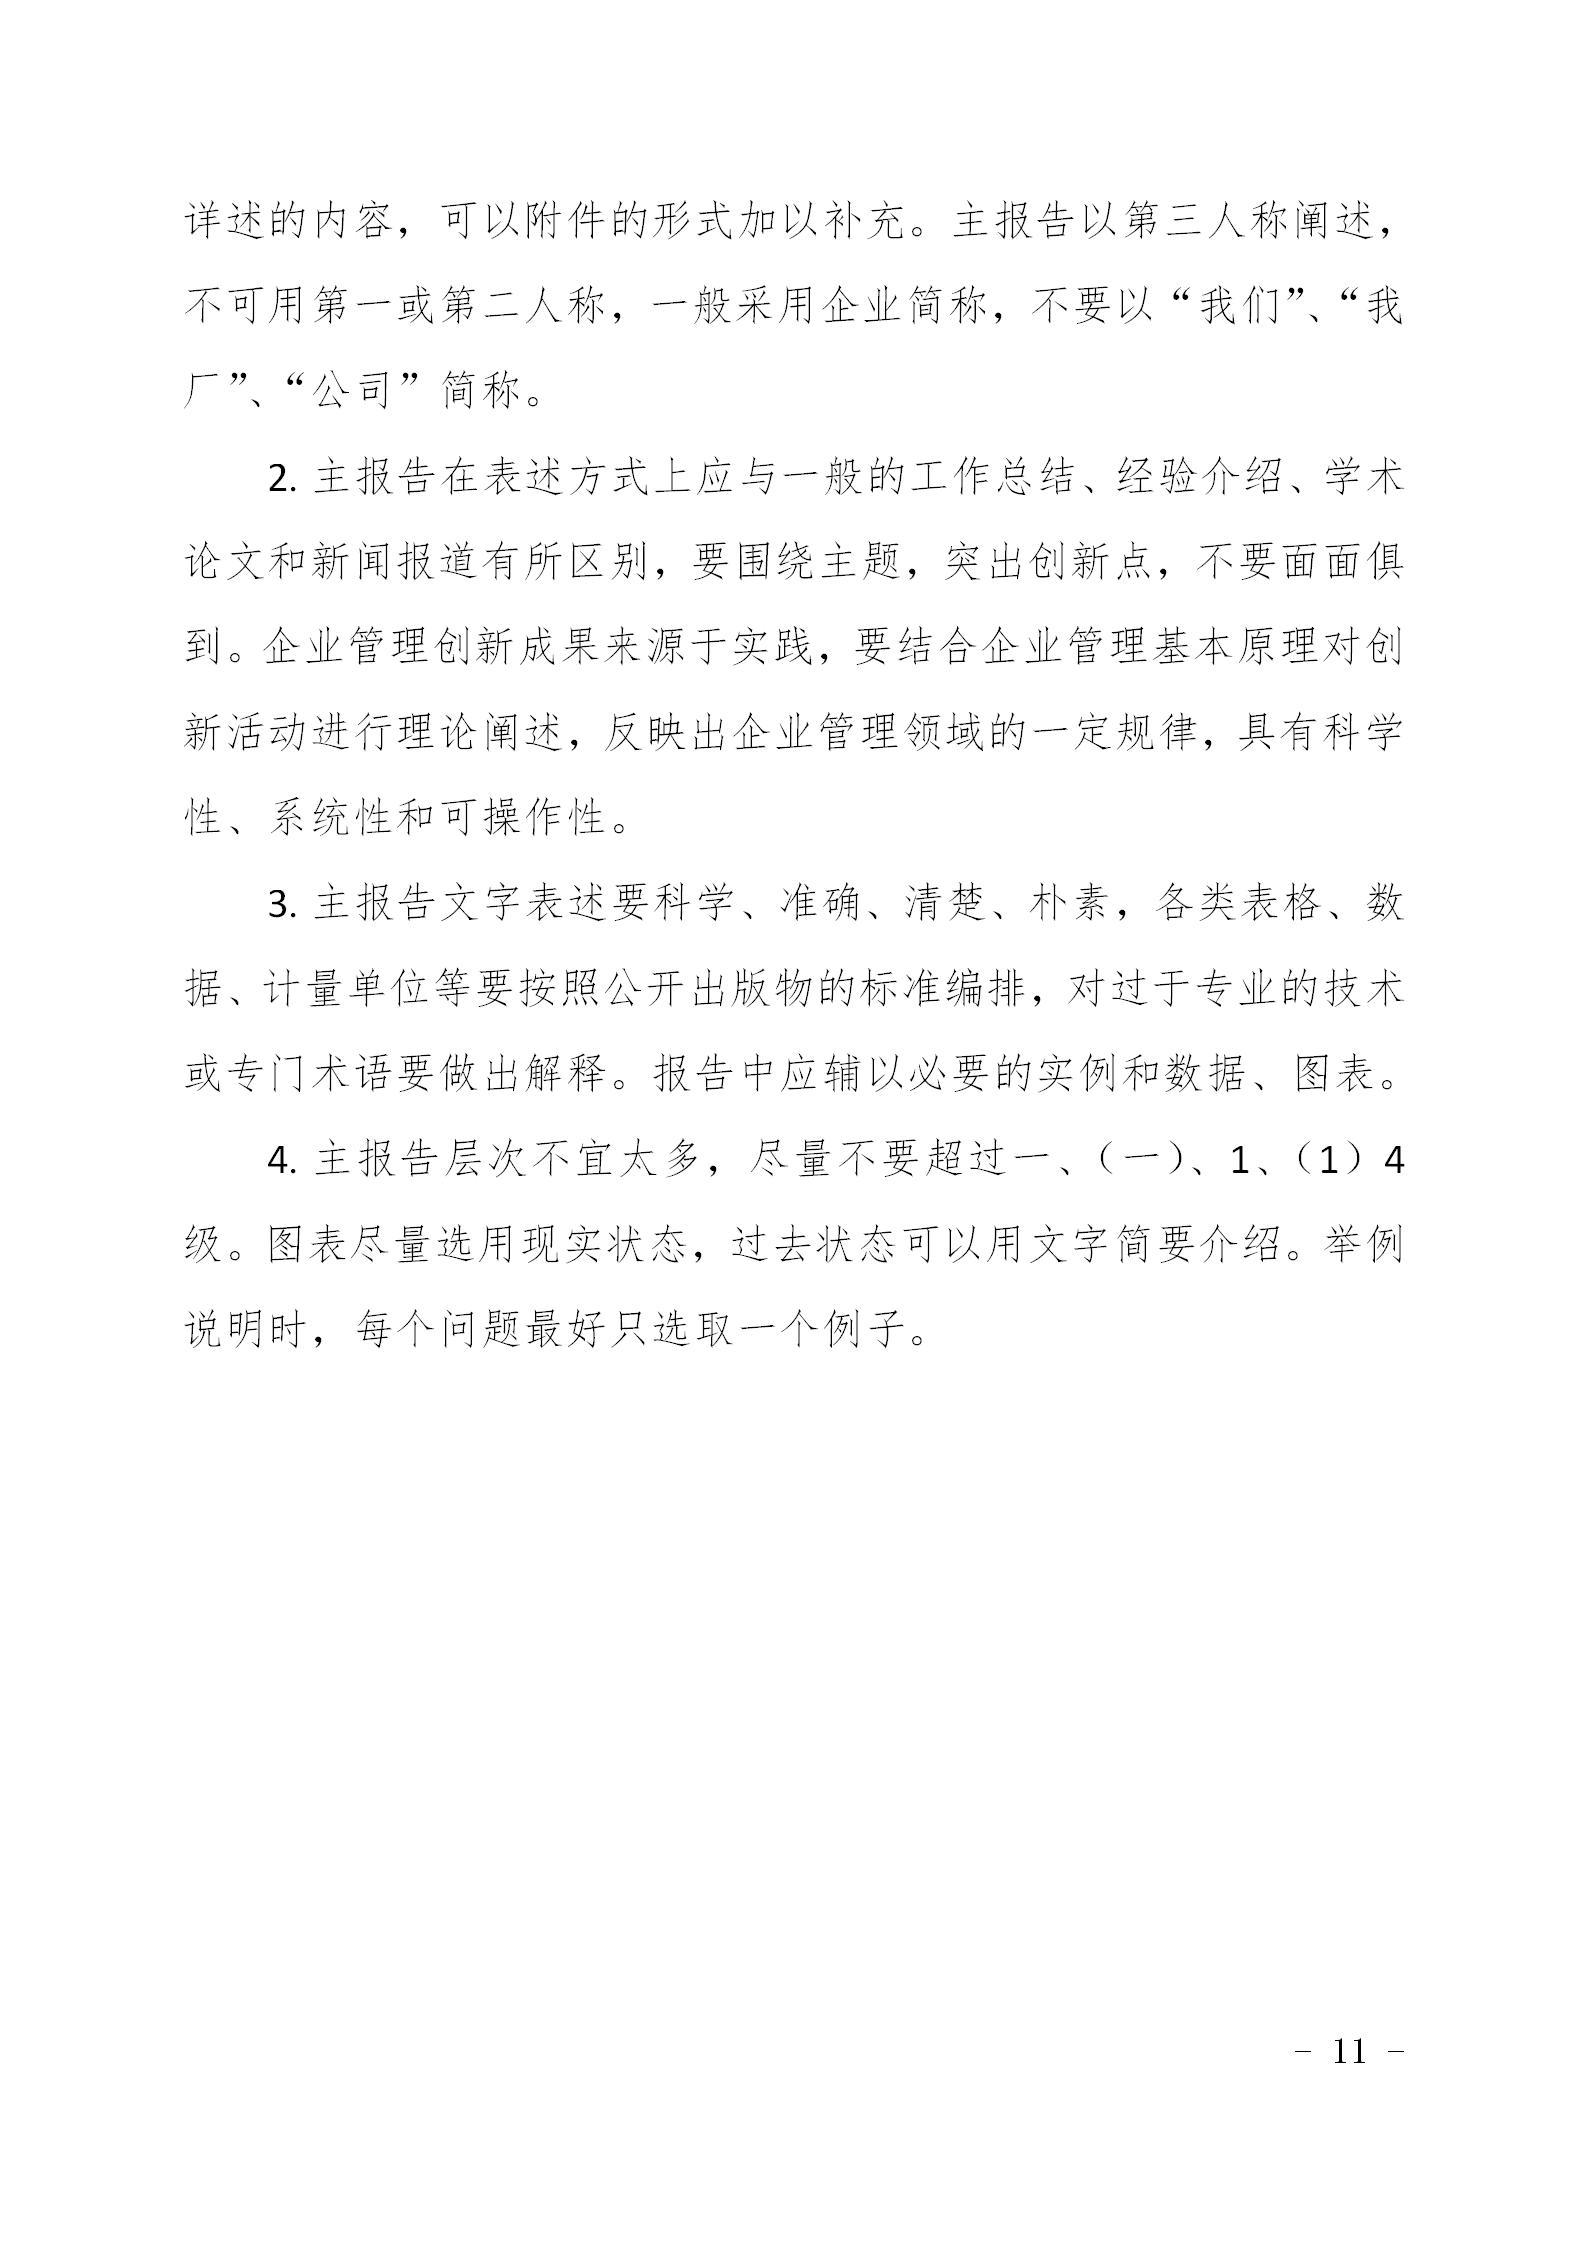 2020年杭州市企业管理现代化创新成果_11.jpg